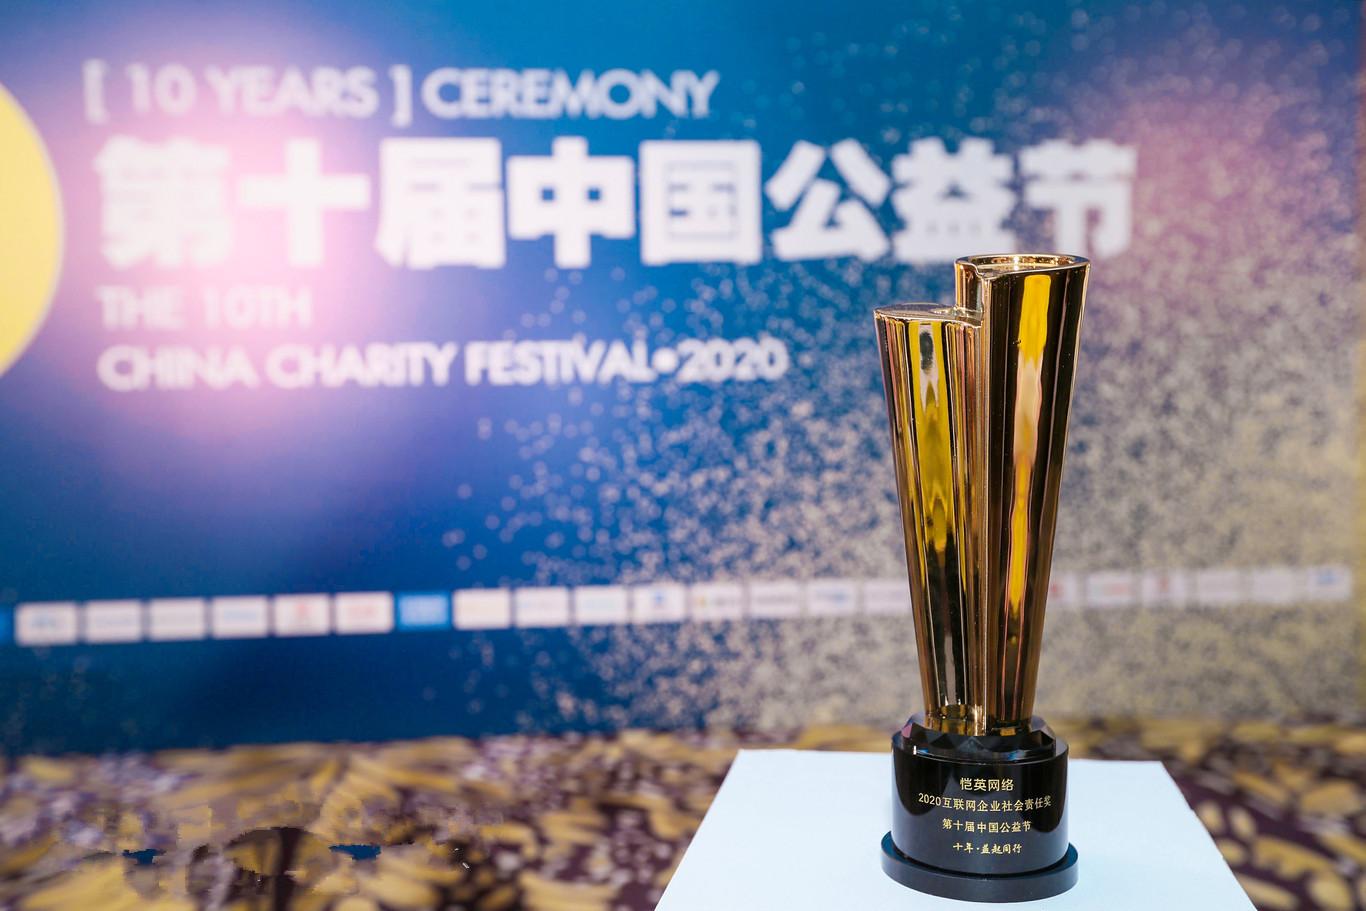 """恺英网络荣获第十届中国公益节""""2020互联网企业社会责任奖"""""""